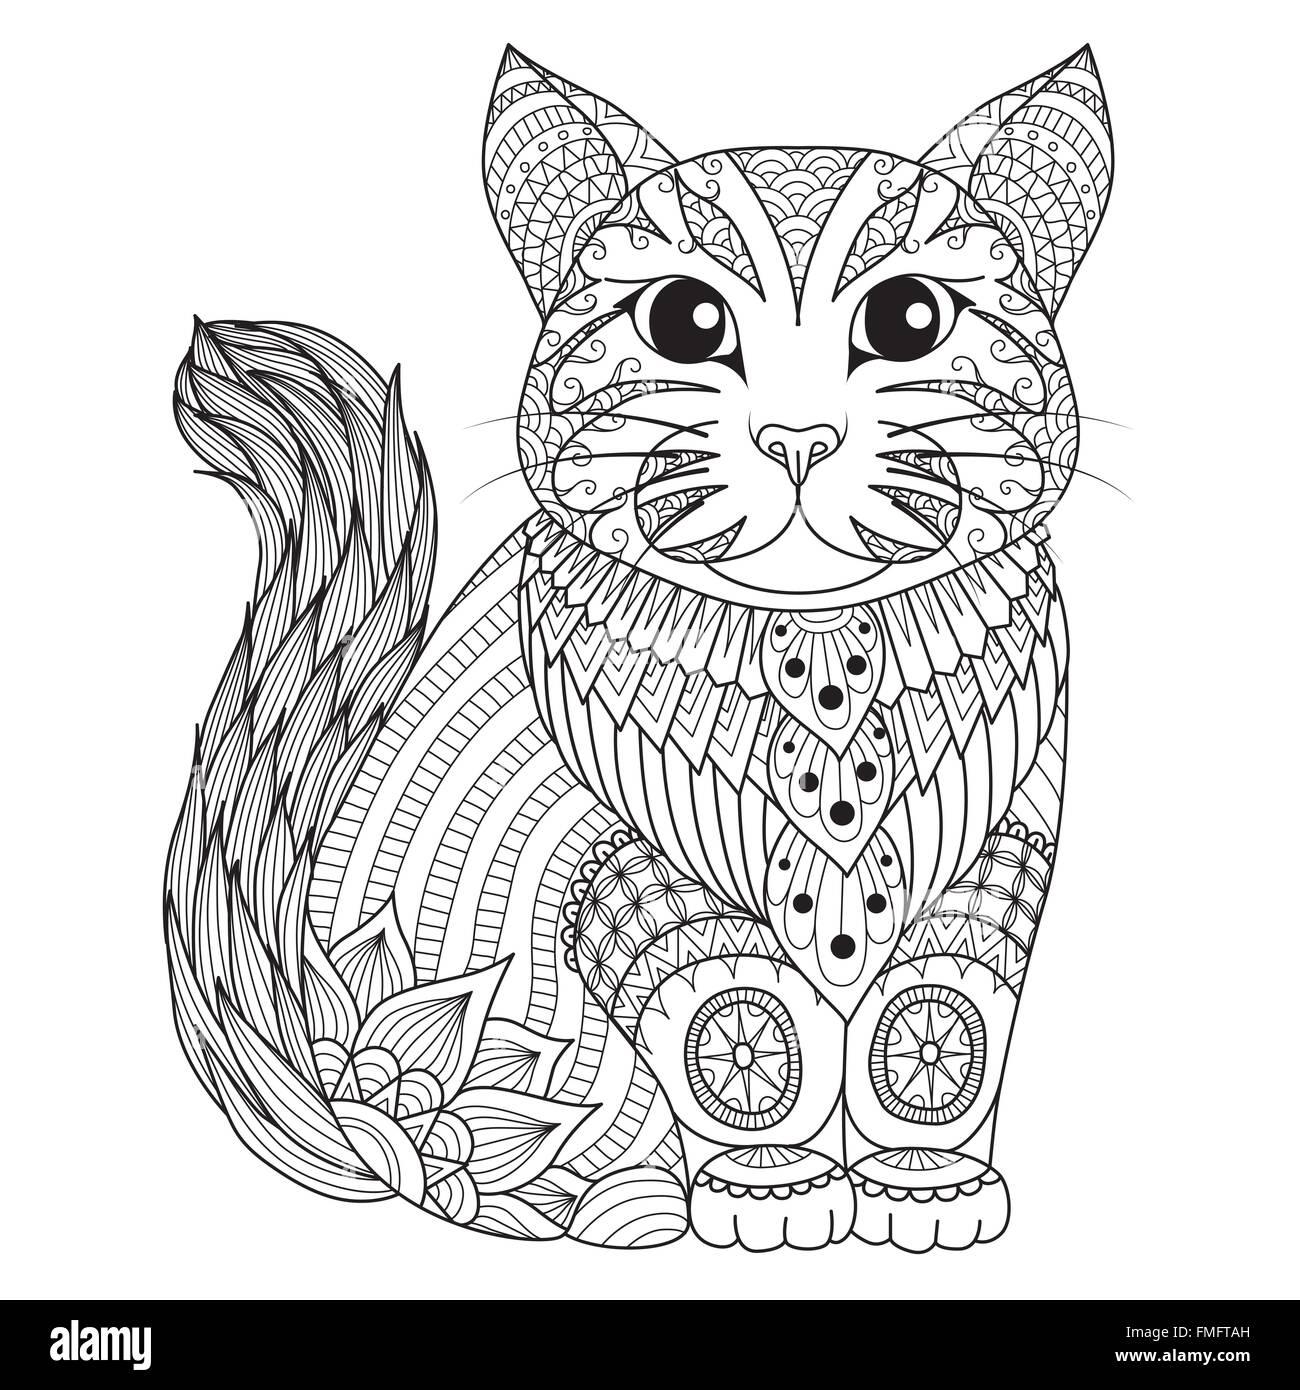 Dibujos para Colorear página zentangle cat, camiseta efecto de ...